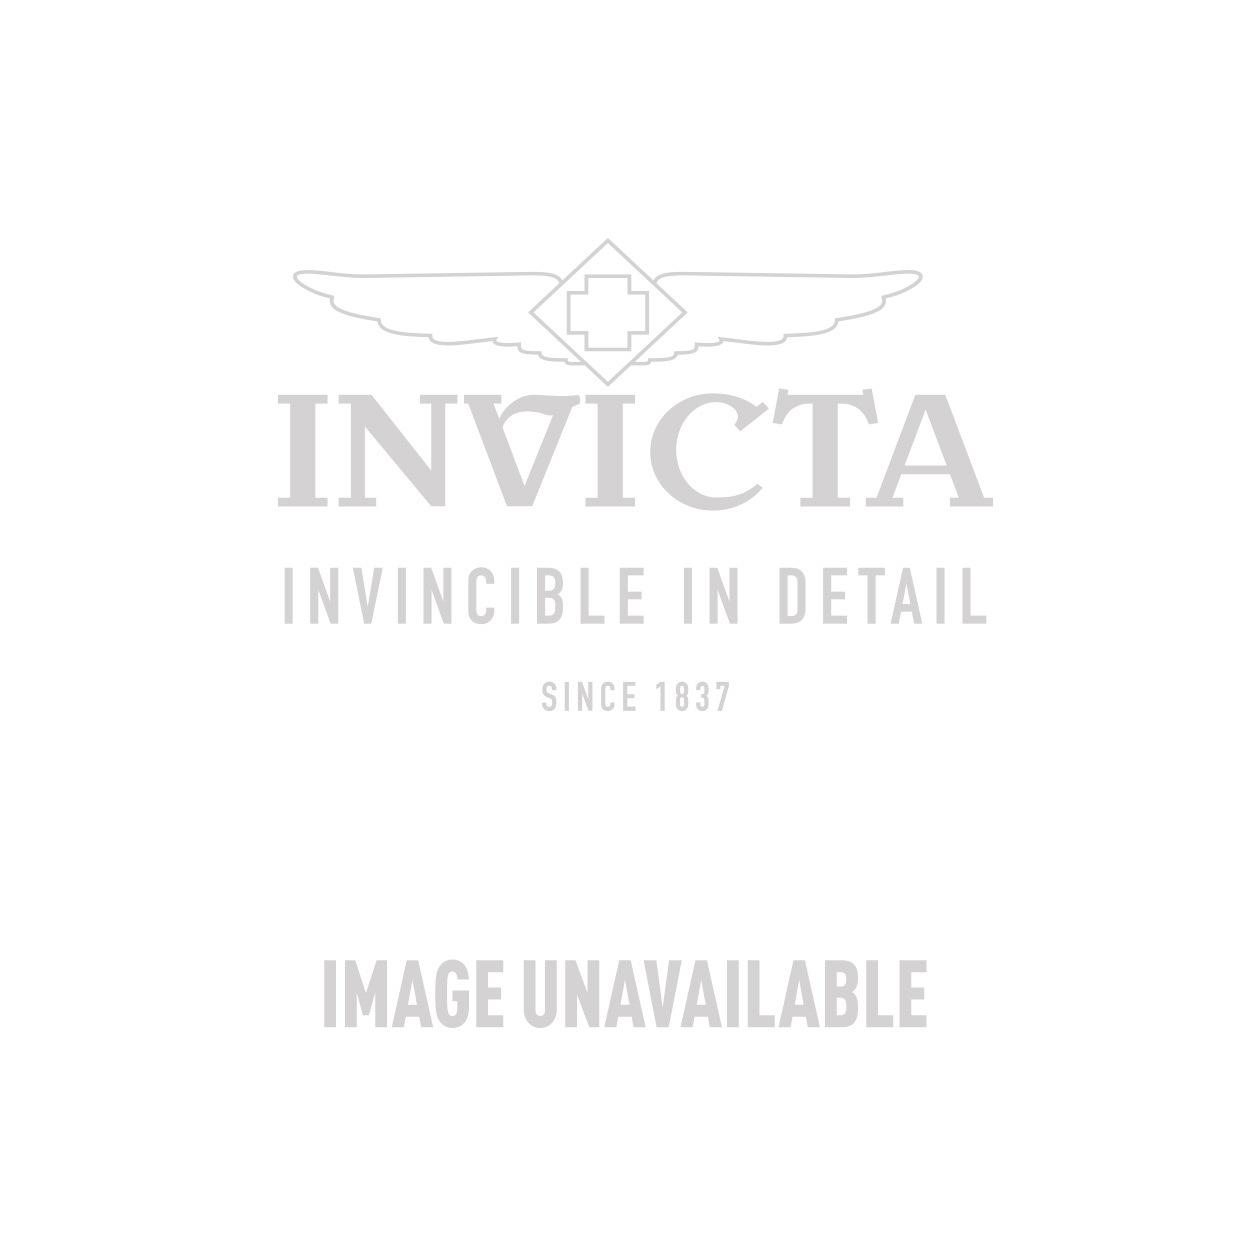 Invicta Model 27721